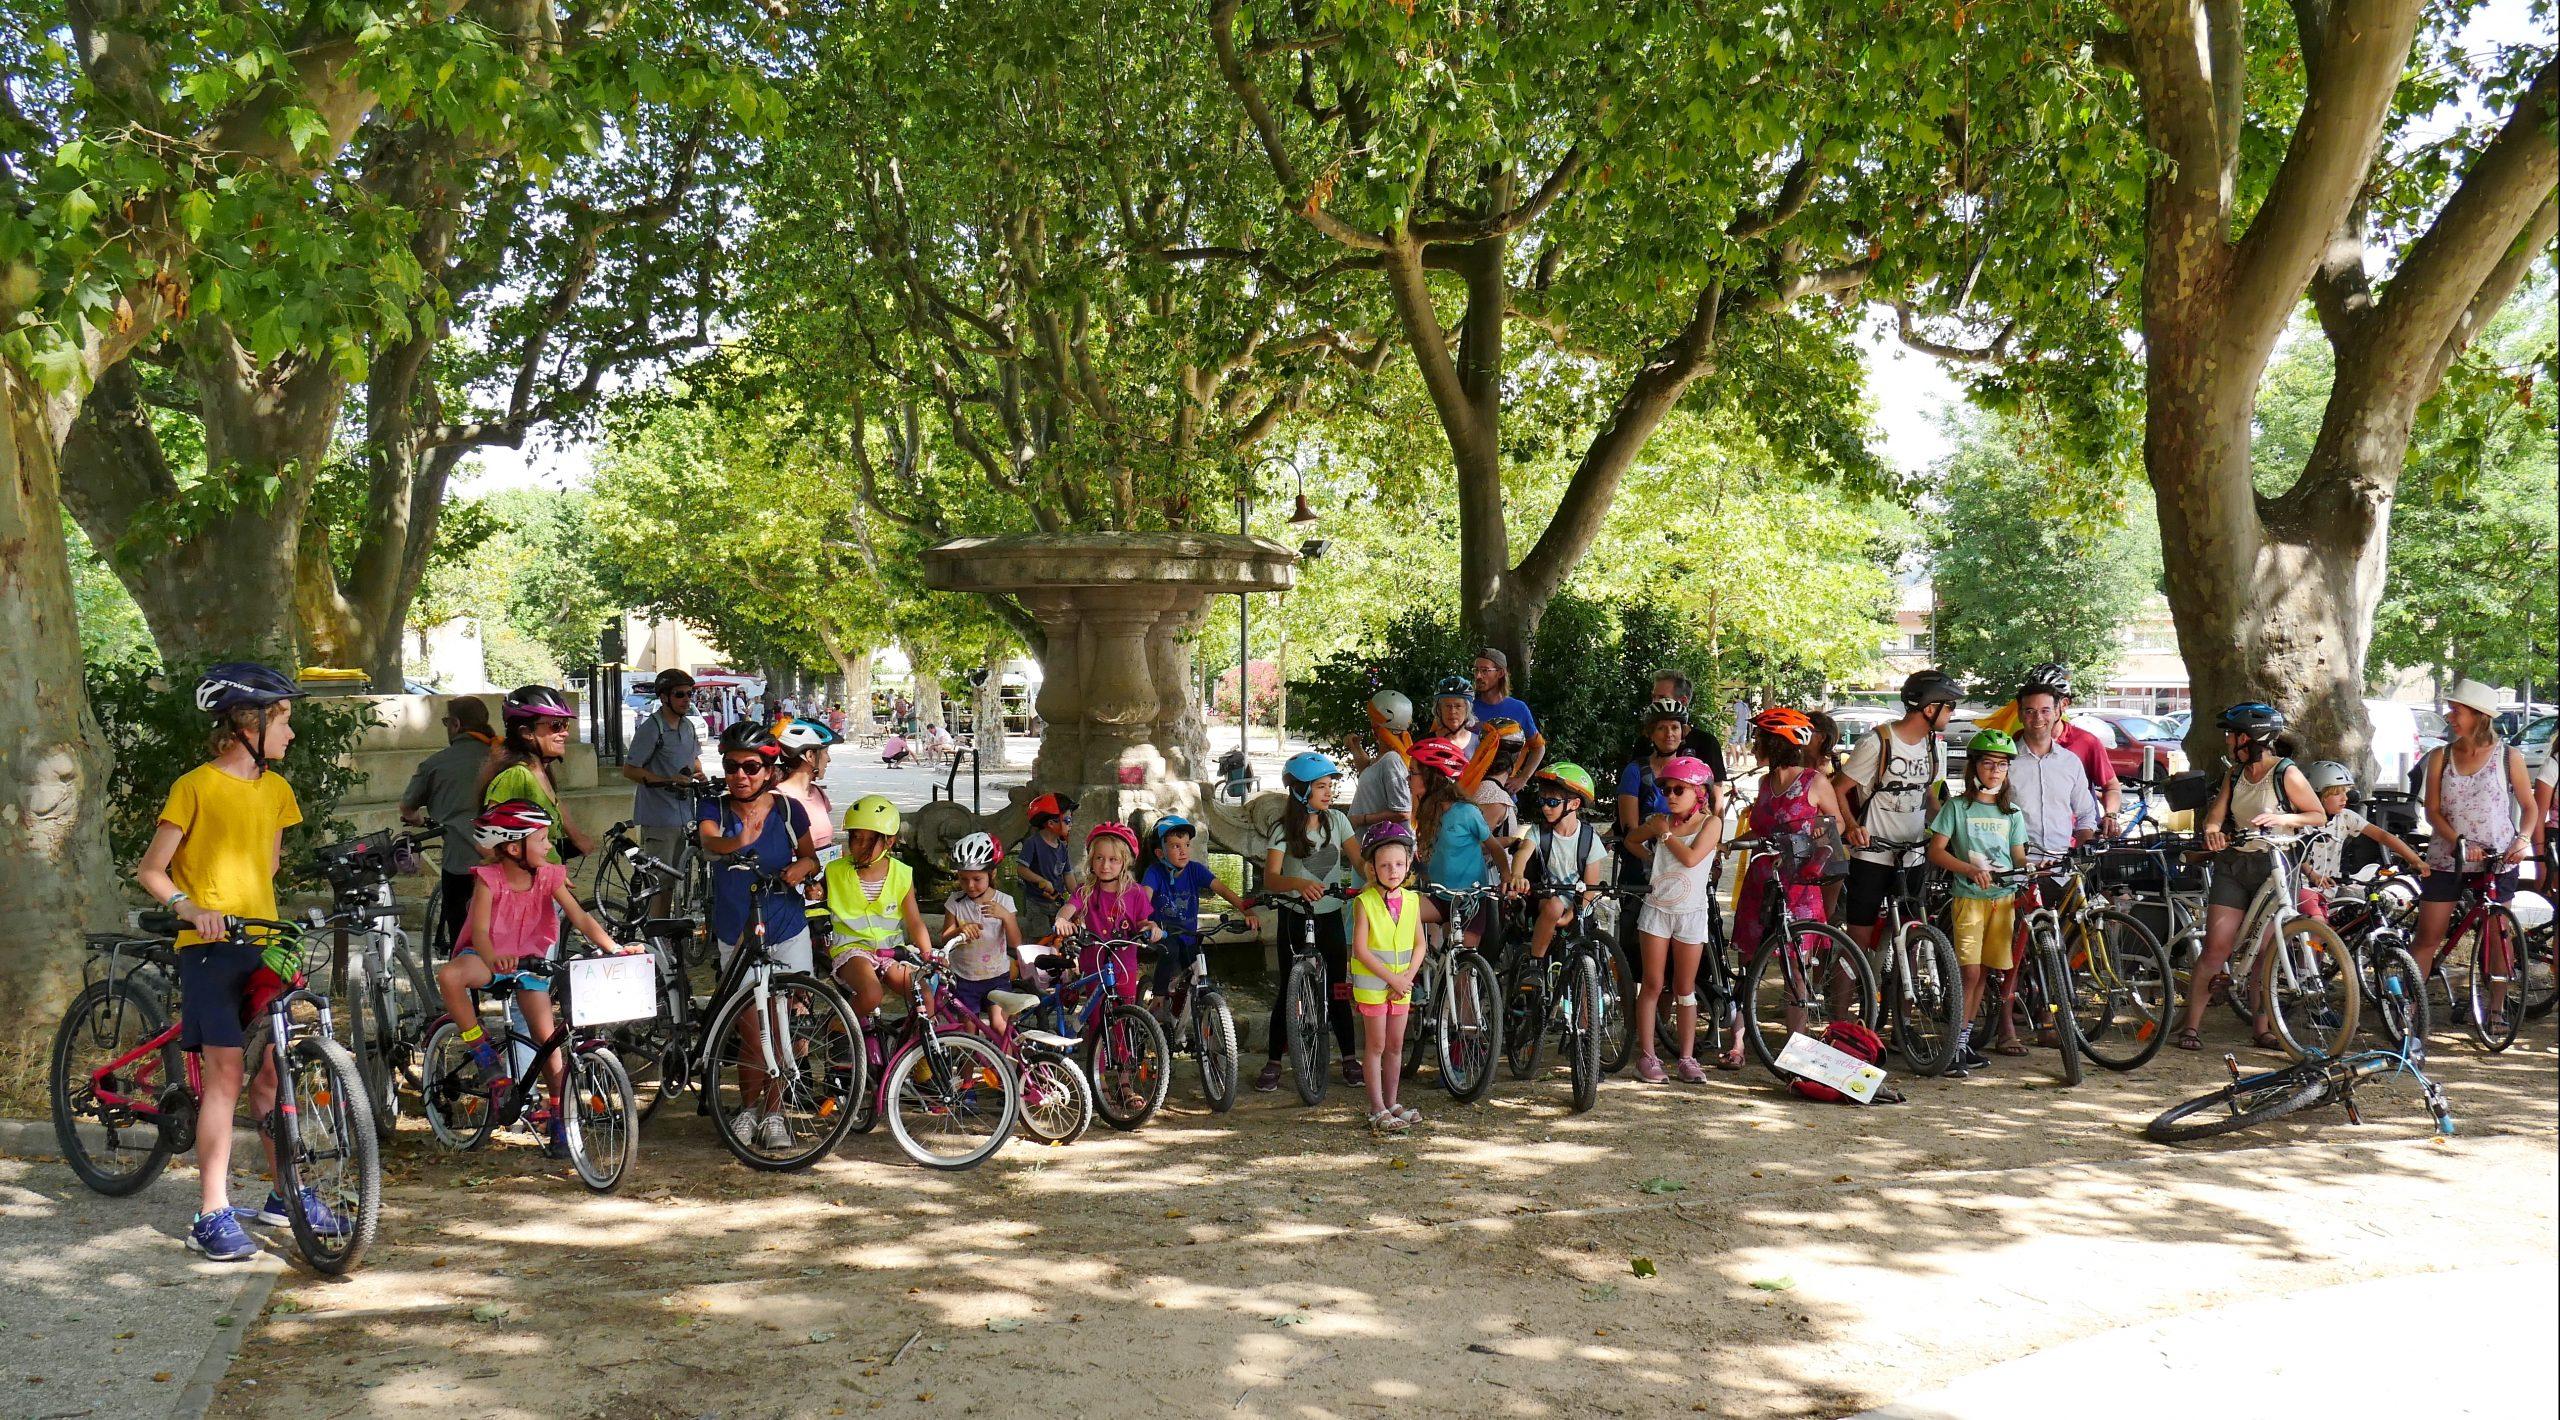 Beau succès pour notre première balade à vélo !